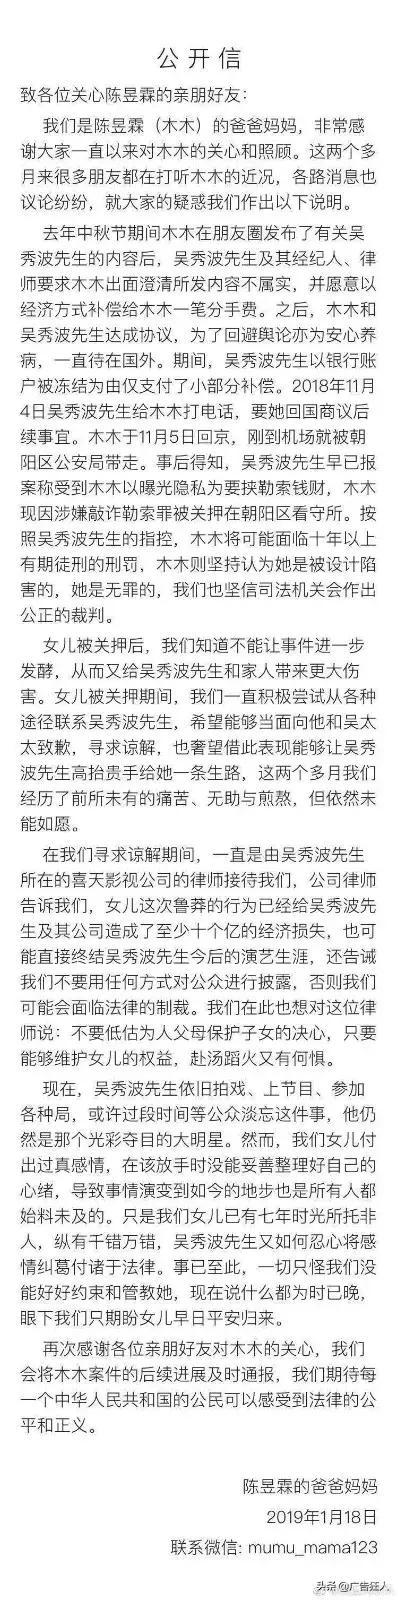 吴秀波天价分手费事件始末,吴秀波出轨门女主陈昱霖现状如何揭秘